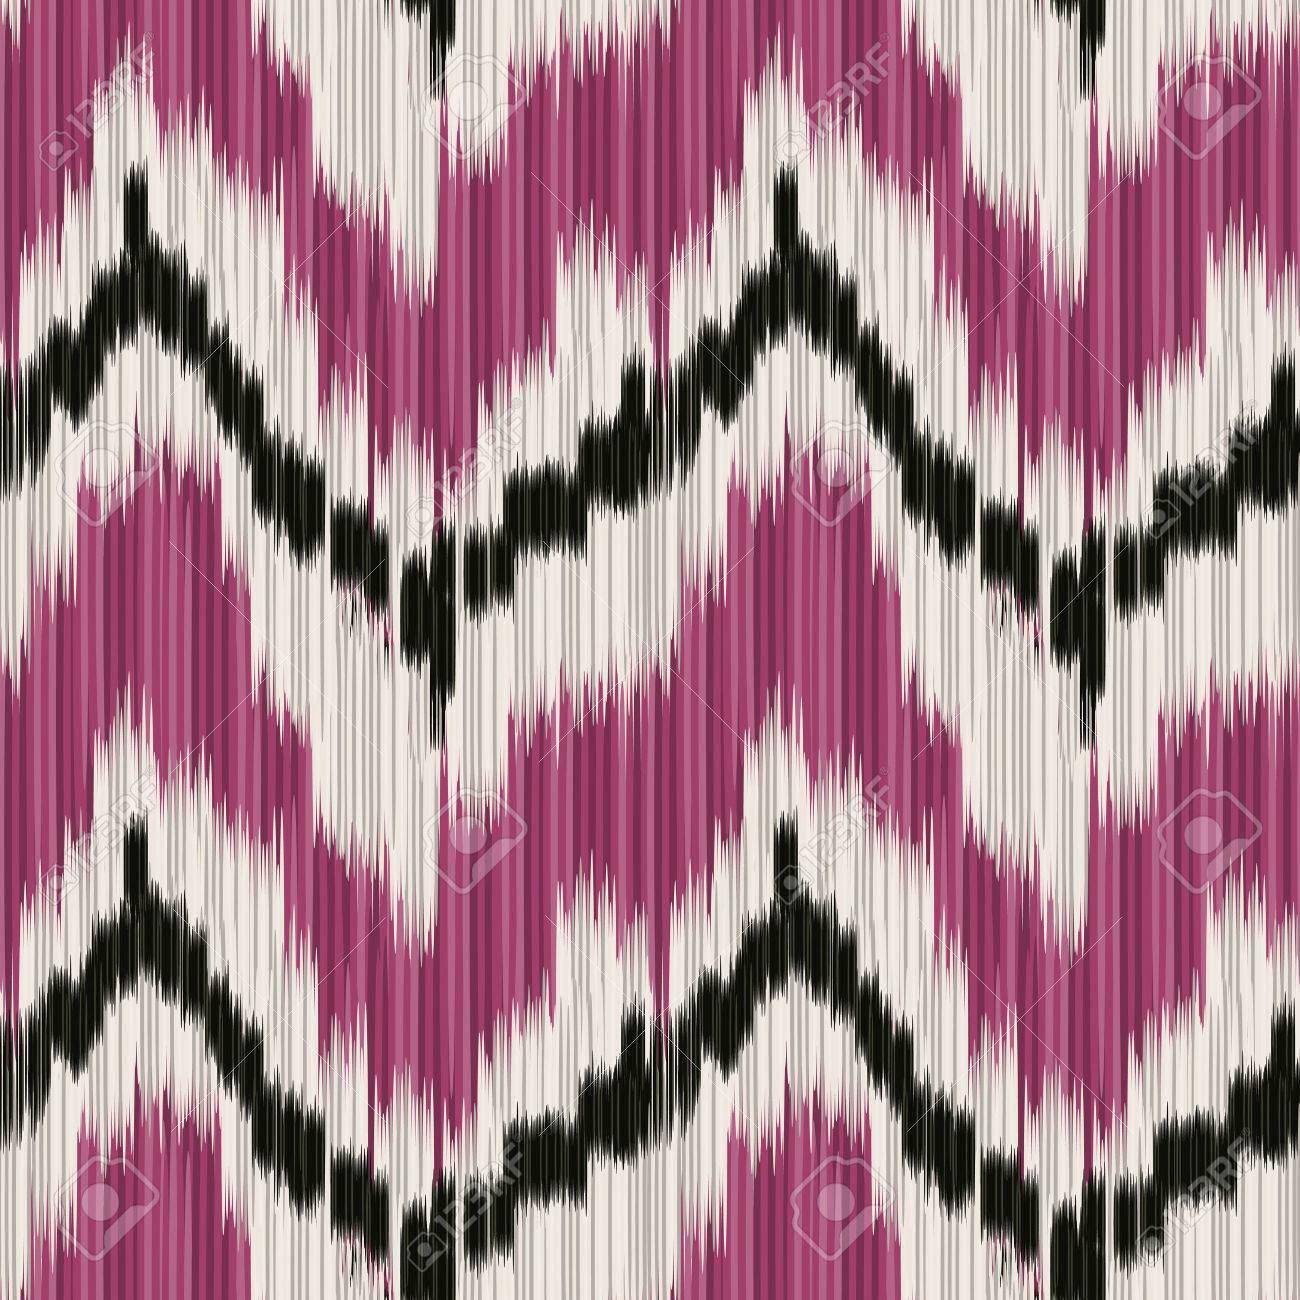 Nahtlose Ikat Muster. Abstrakt Hintergrund Für Textil Design, Tapete,  Oberflächenstrukturen,